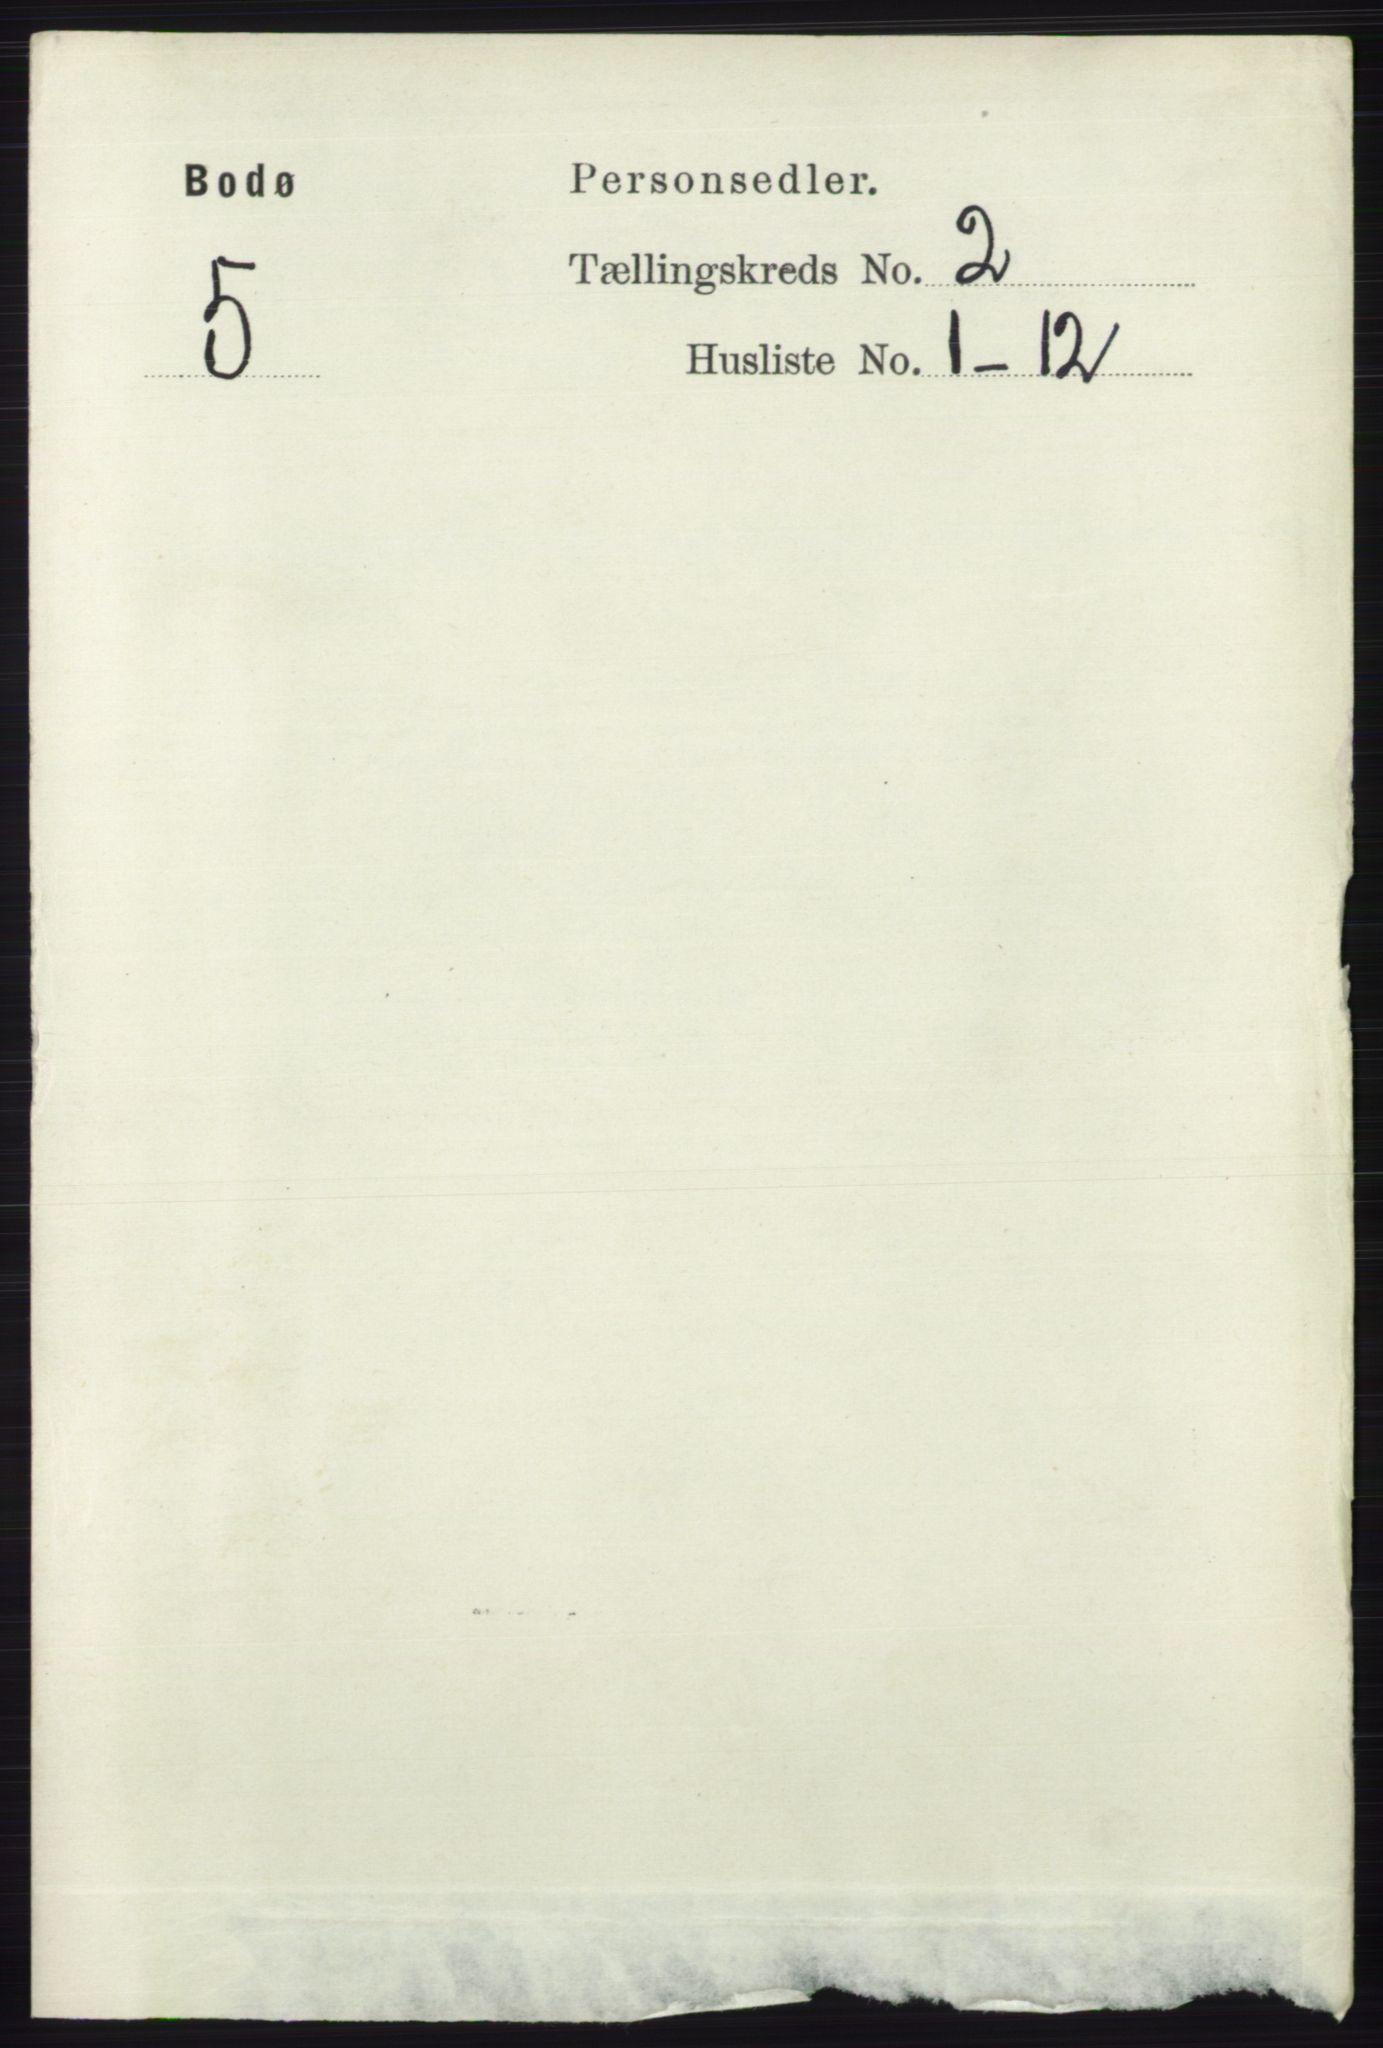 RA, Folketelling 1891 for 1804 Bodø kjøpstad, 1891, s. 988